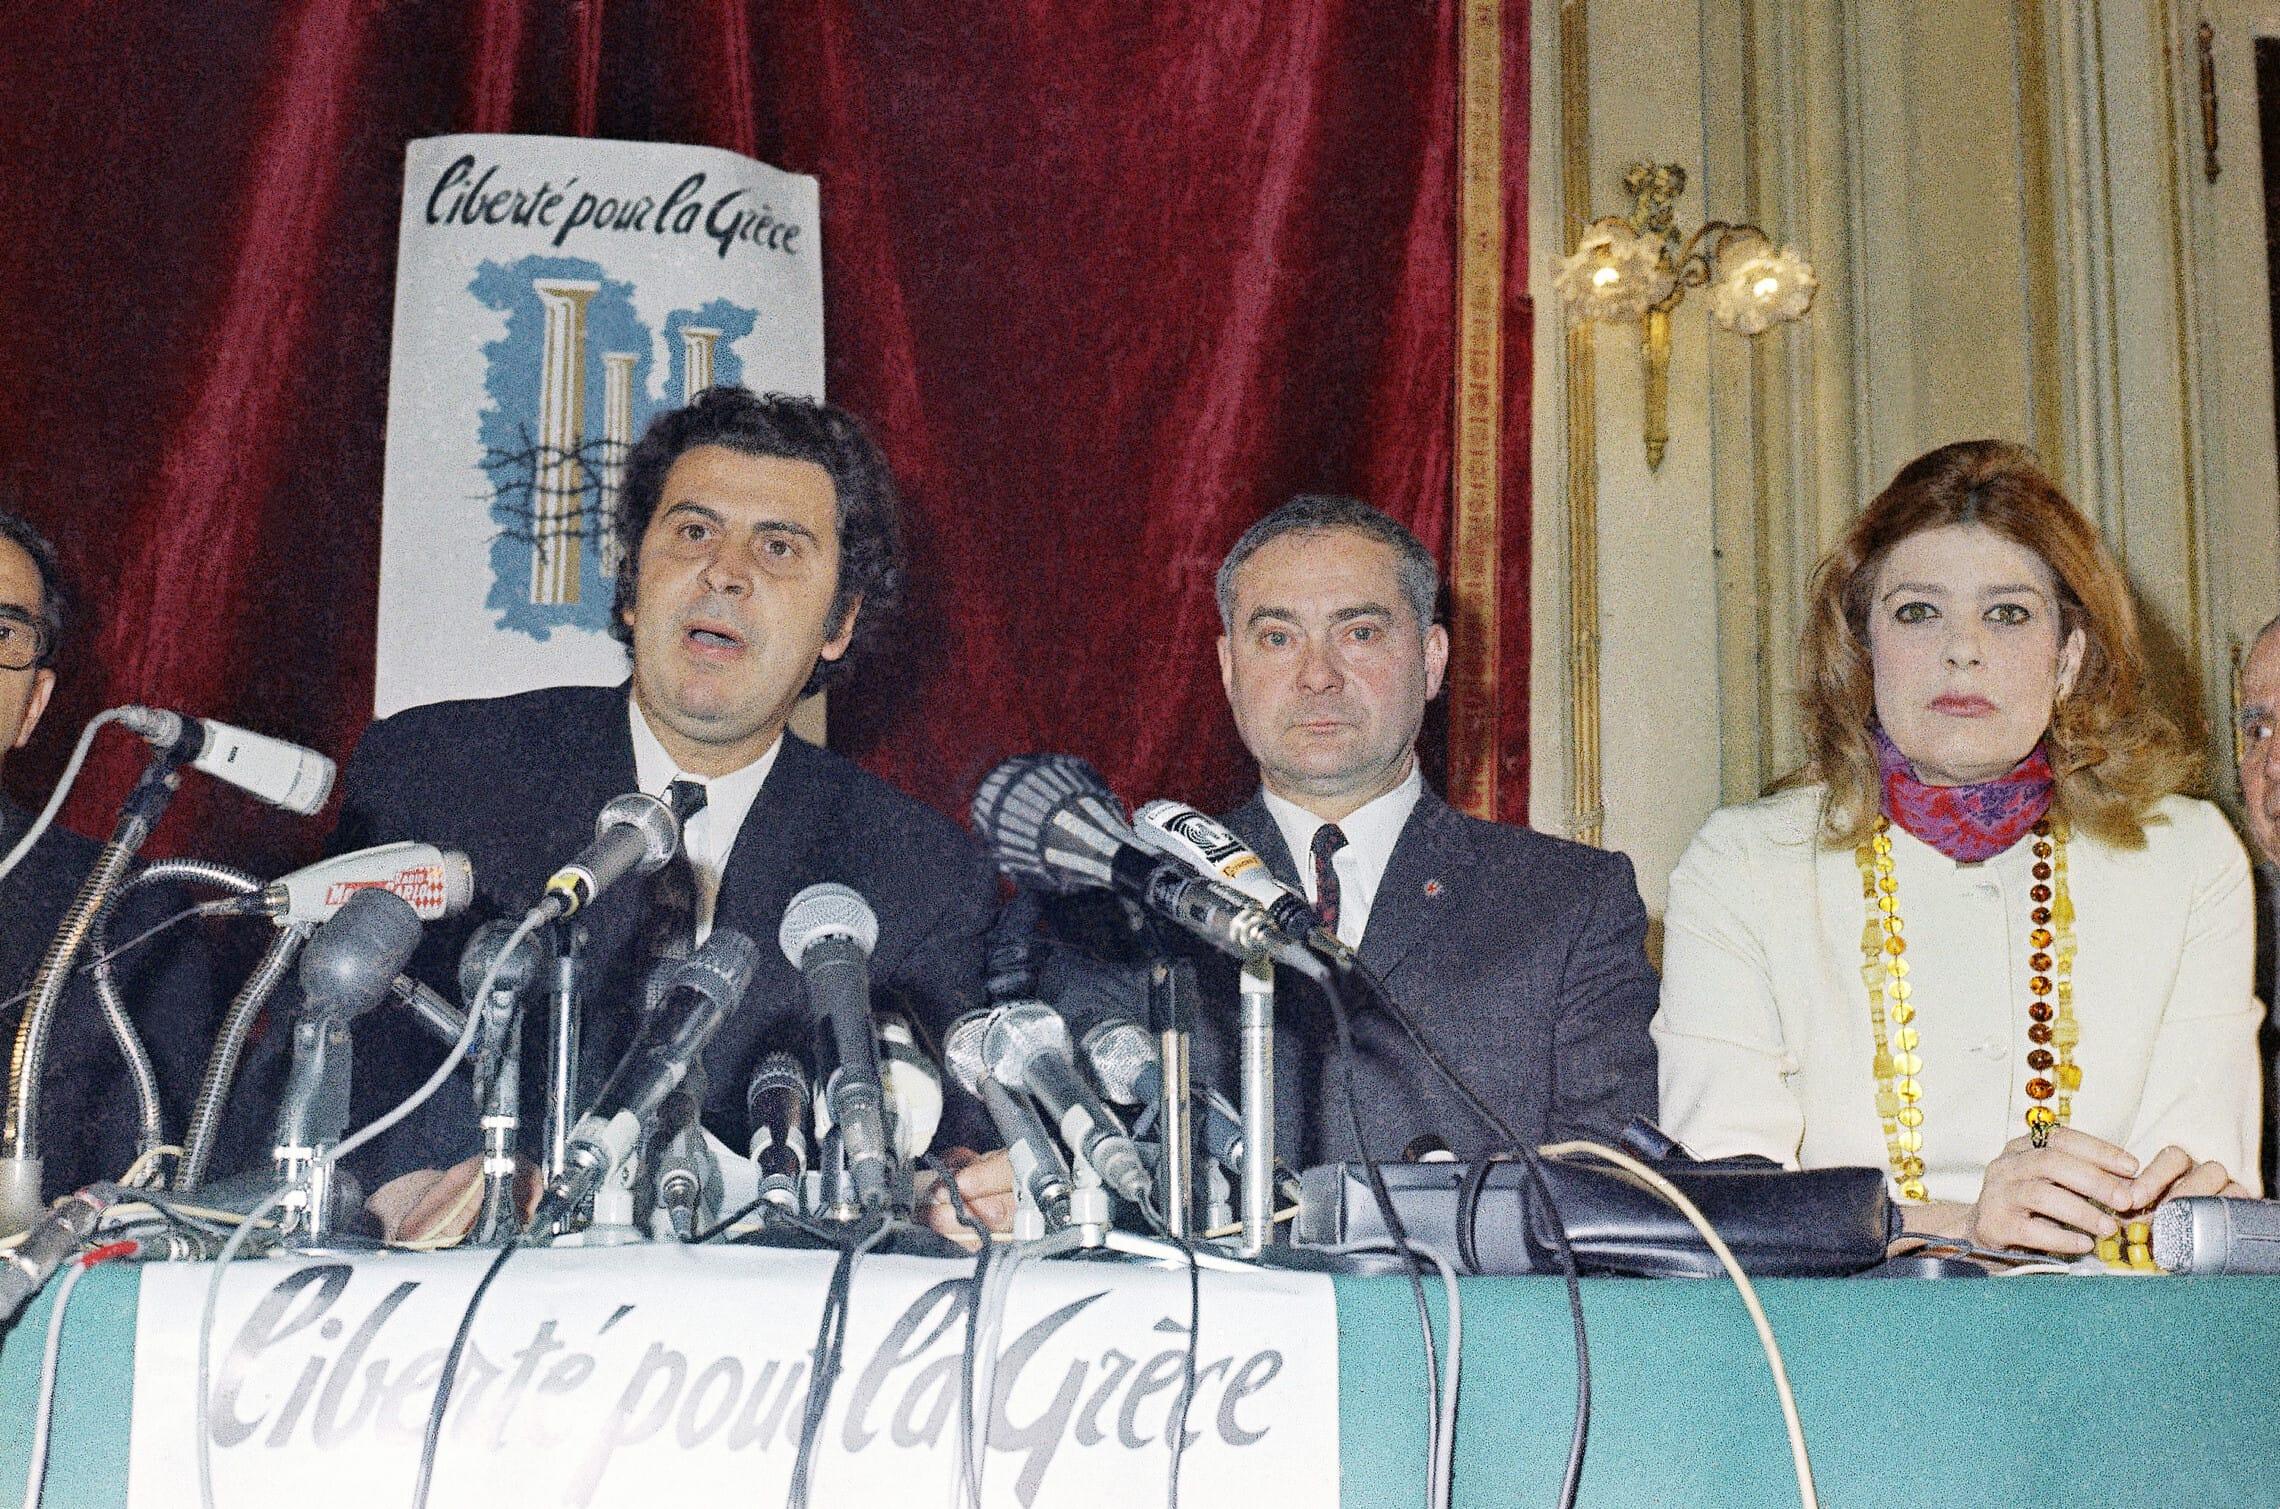 מיקיס תאודוראקיס, משמאל, עם מלינה מרקורי, מימין, במסיבת עיתונאים הראשונה שלו בפריז, ב-29 באפריל 1970 (צילום: AP Photo/Stf/Jean-Jacques Levy)